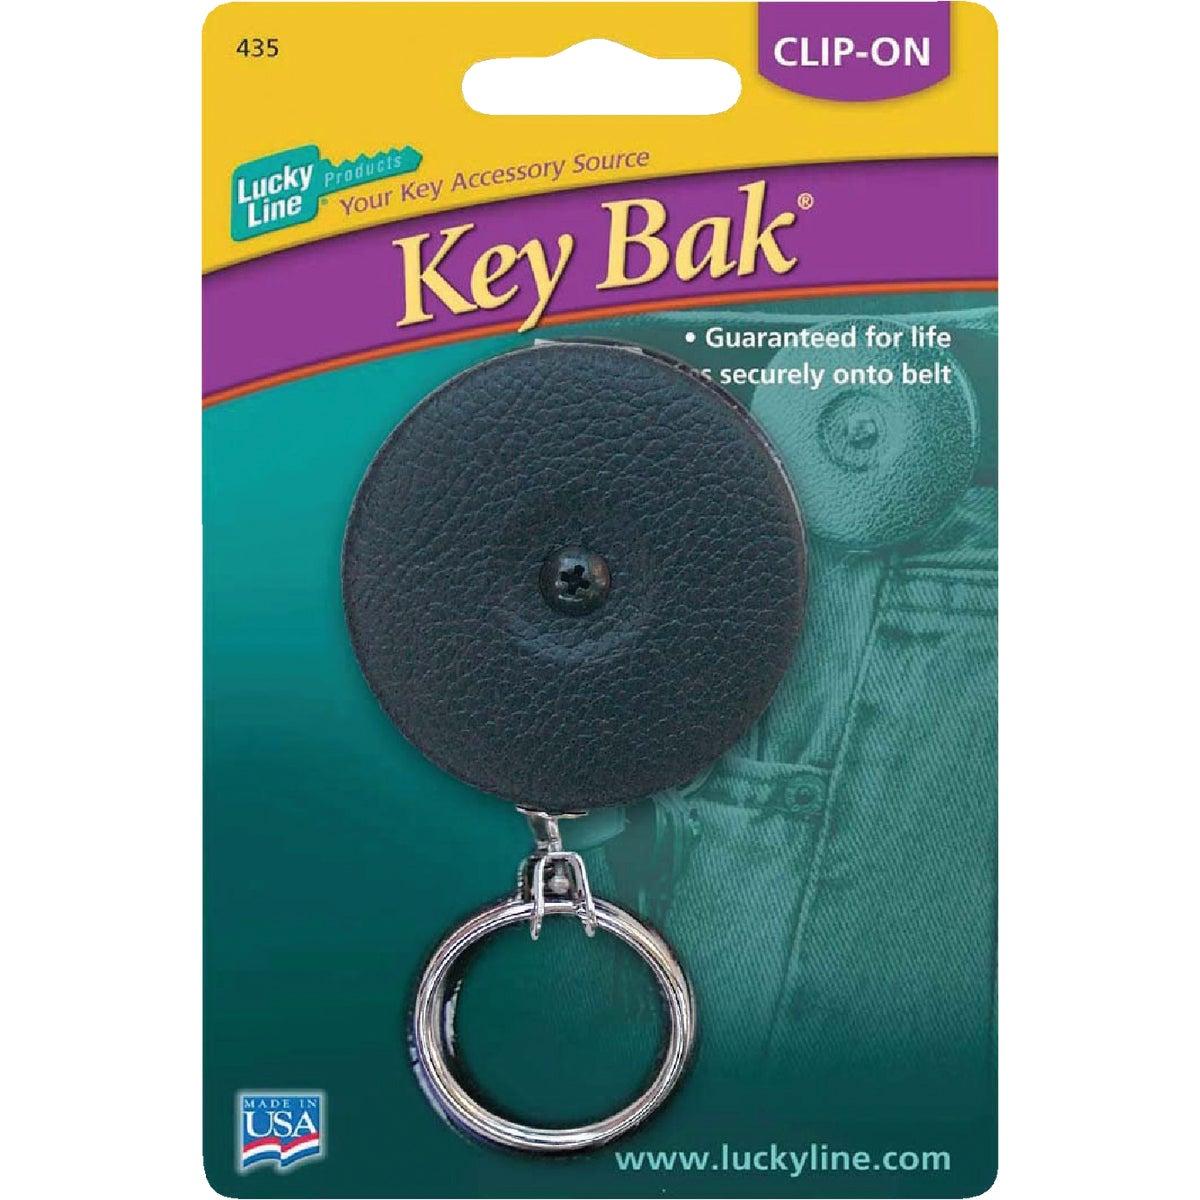 BLK KEY BAK - 43601 by Lucky Line Prod Inc